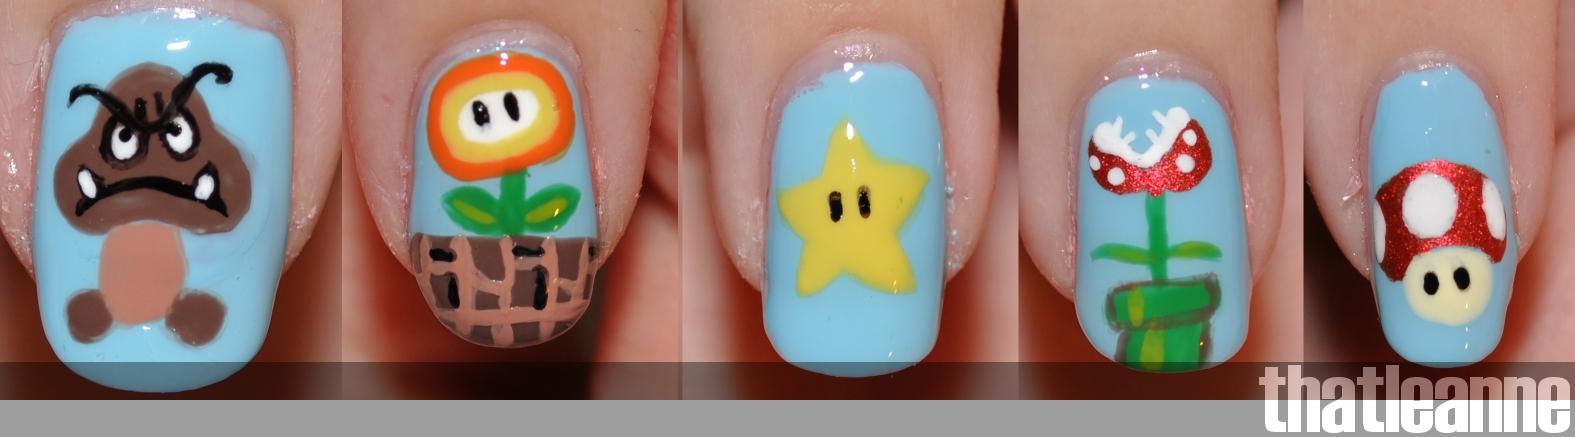 thatleanne: Mario Bros. Nail Art!